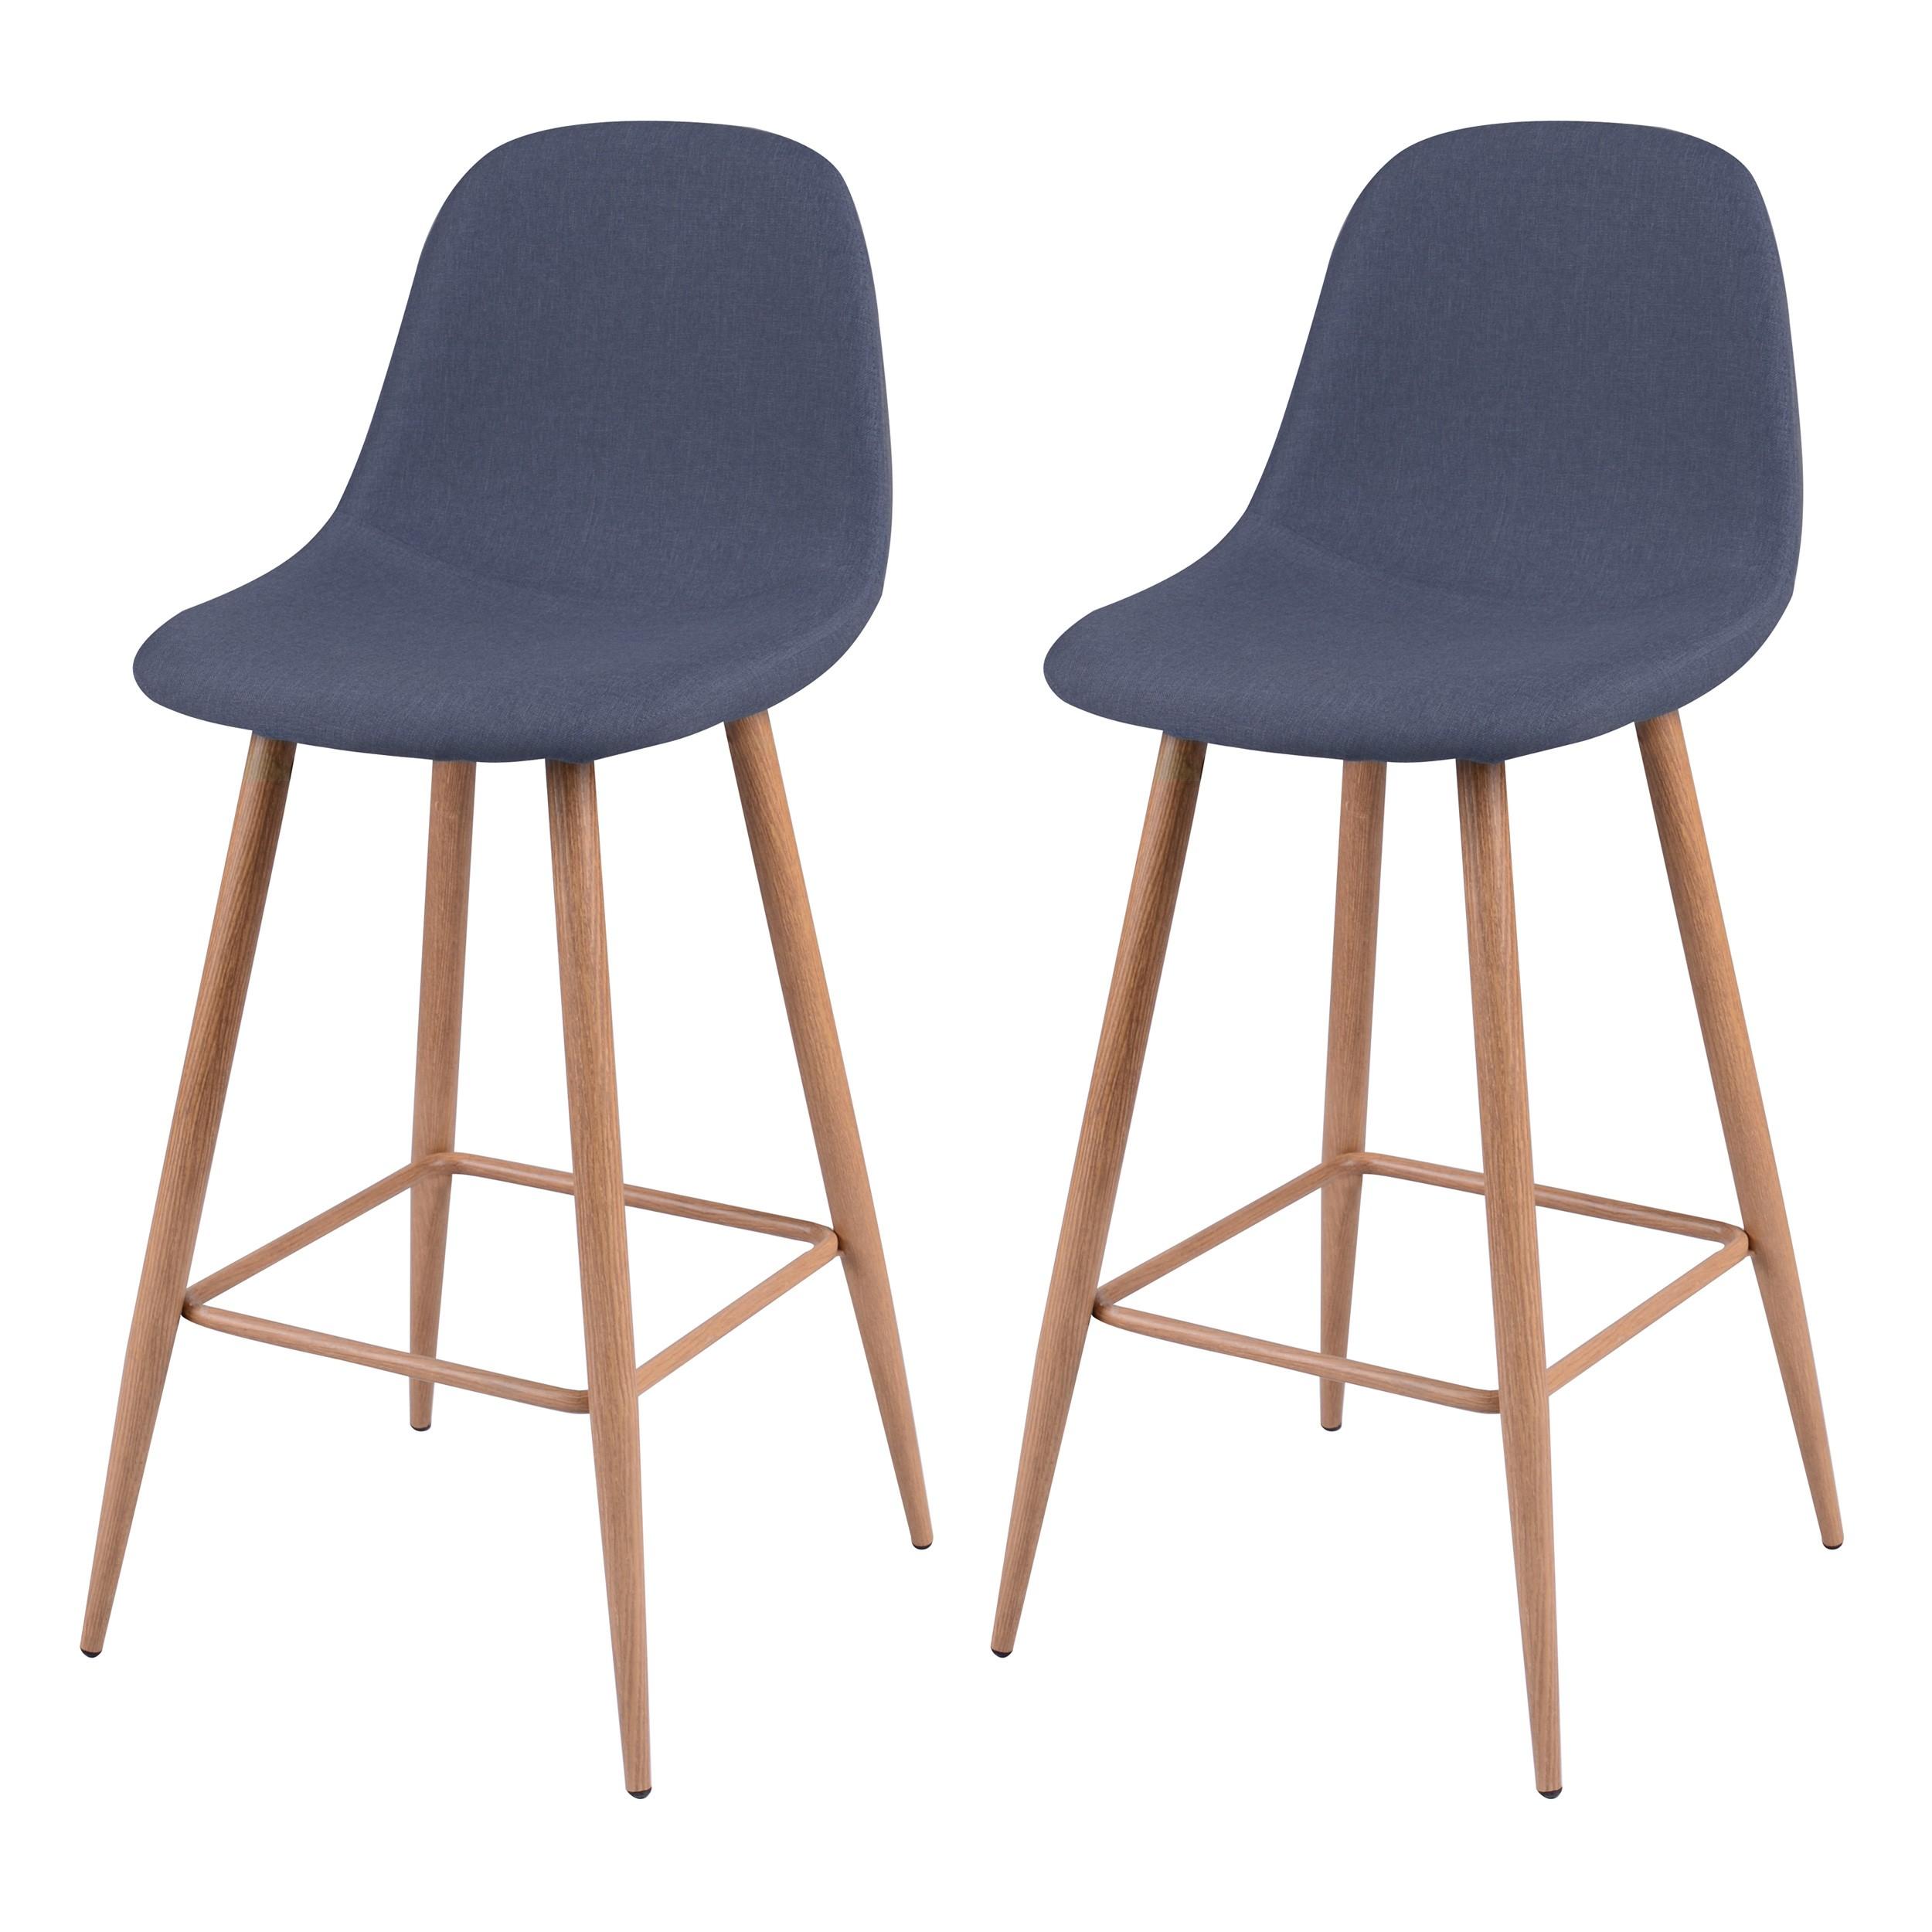 tabouret de barre tabouret de barre with tabouret de. Black Bedroom Furniture Sets. Home Design Ideas